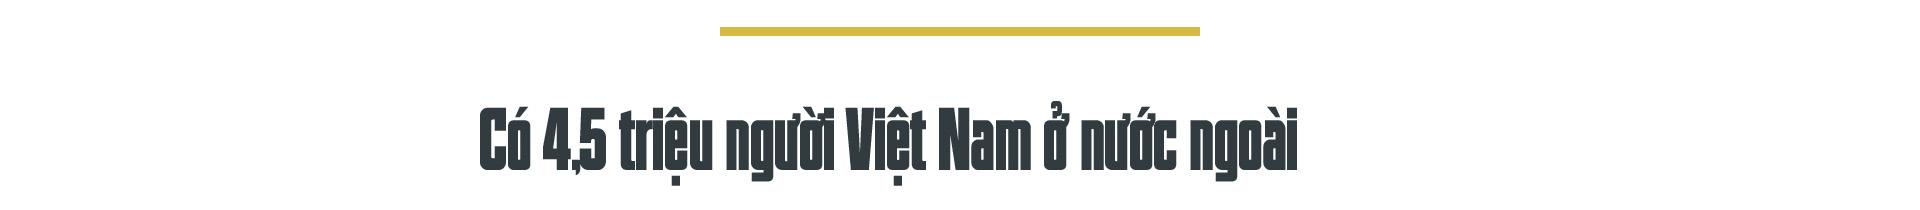 """Nguyên Chủ tịch Nước Nguyễn Minh Triết: """"Con người không phải sinh ra để mãi hận thù..."""" - Ảnh 13."""